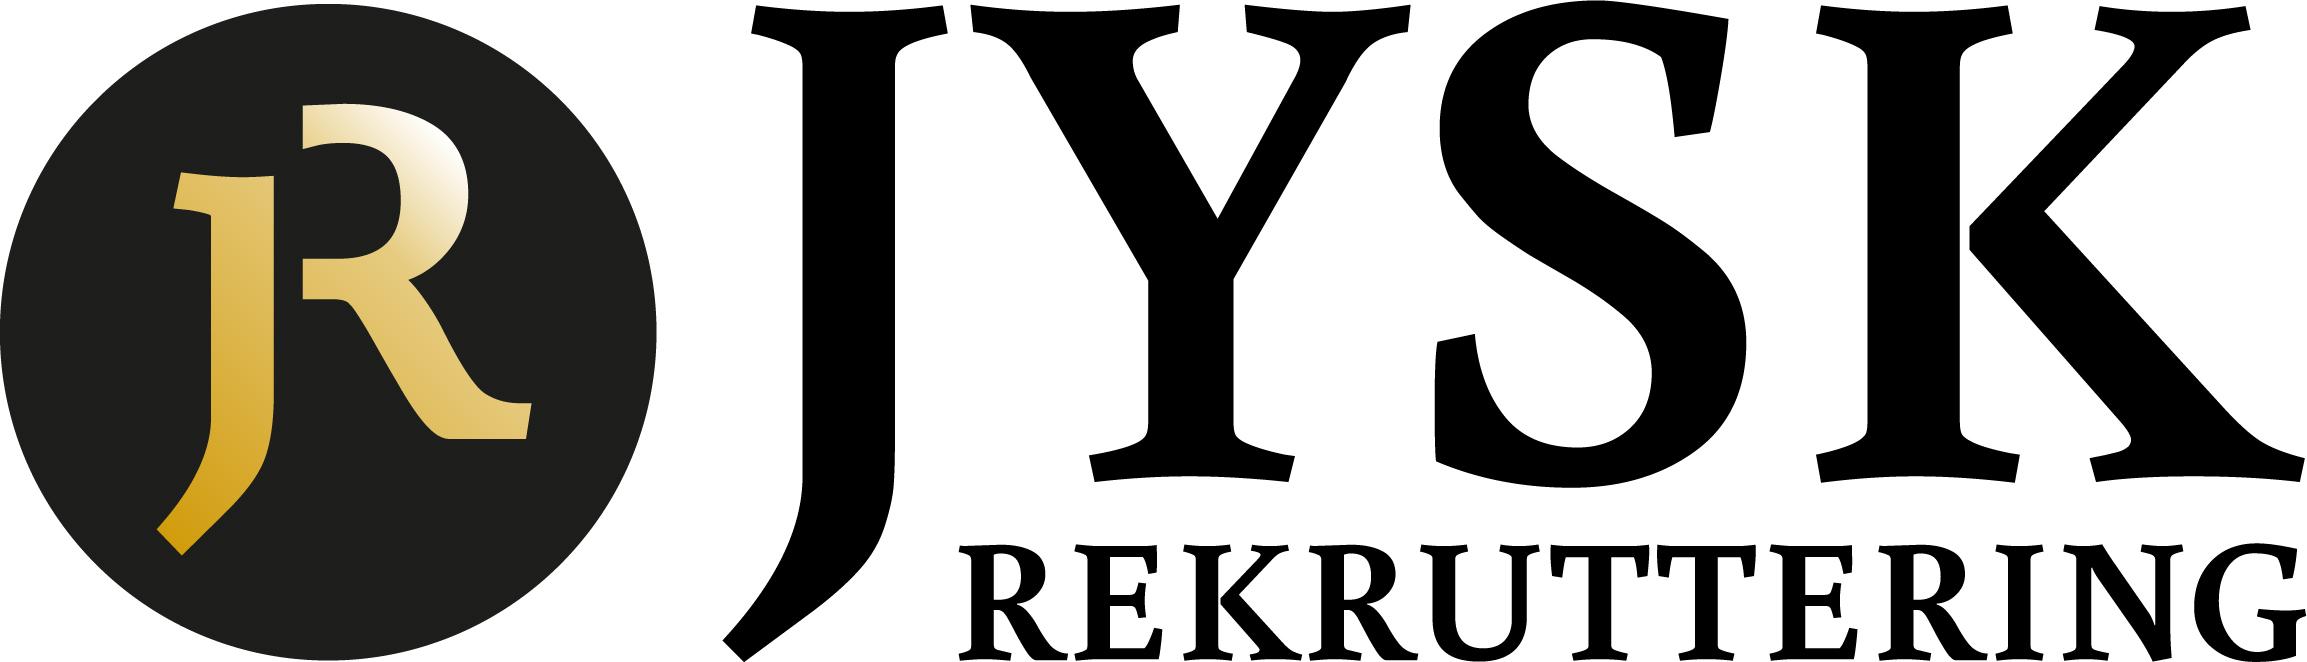 Jysk Rekruttering